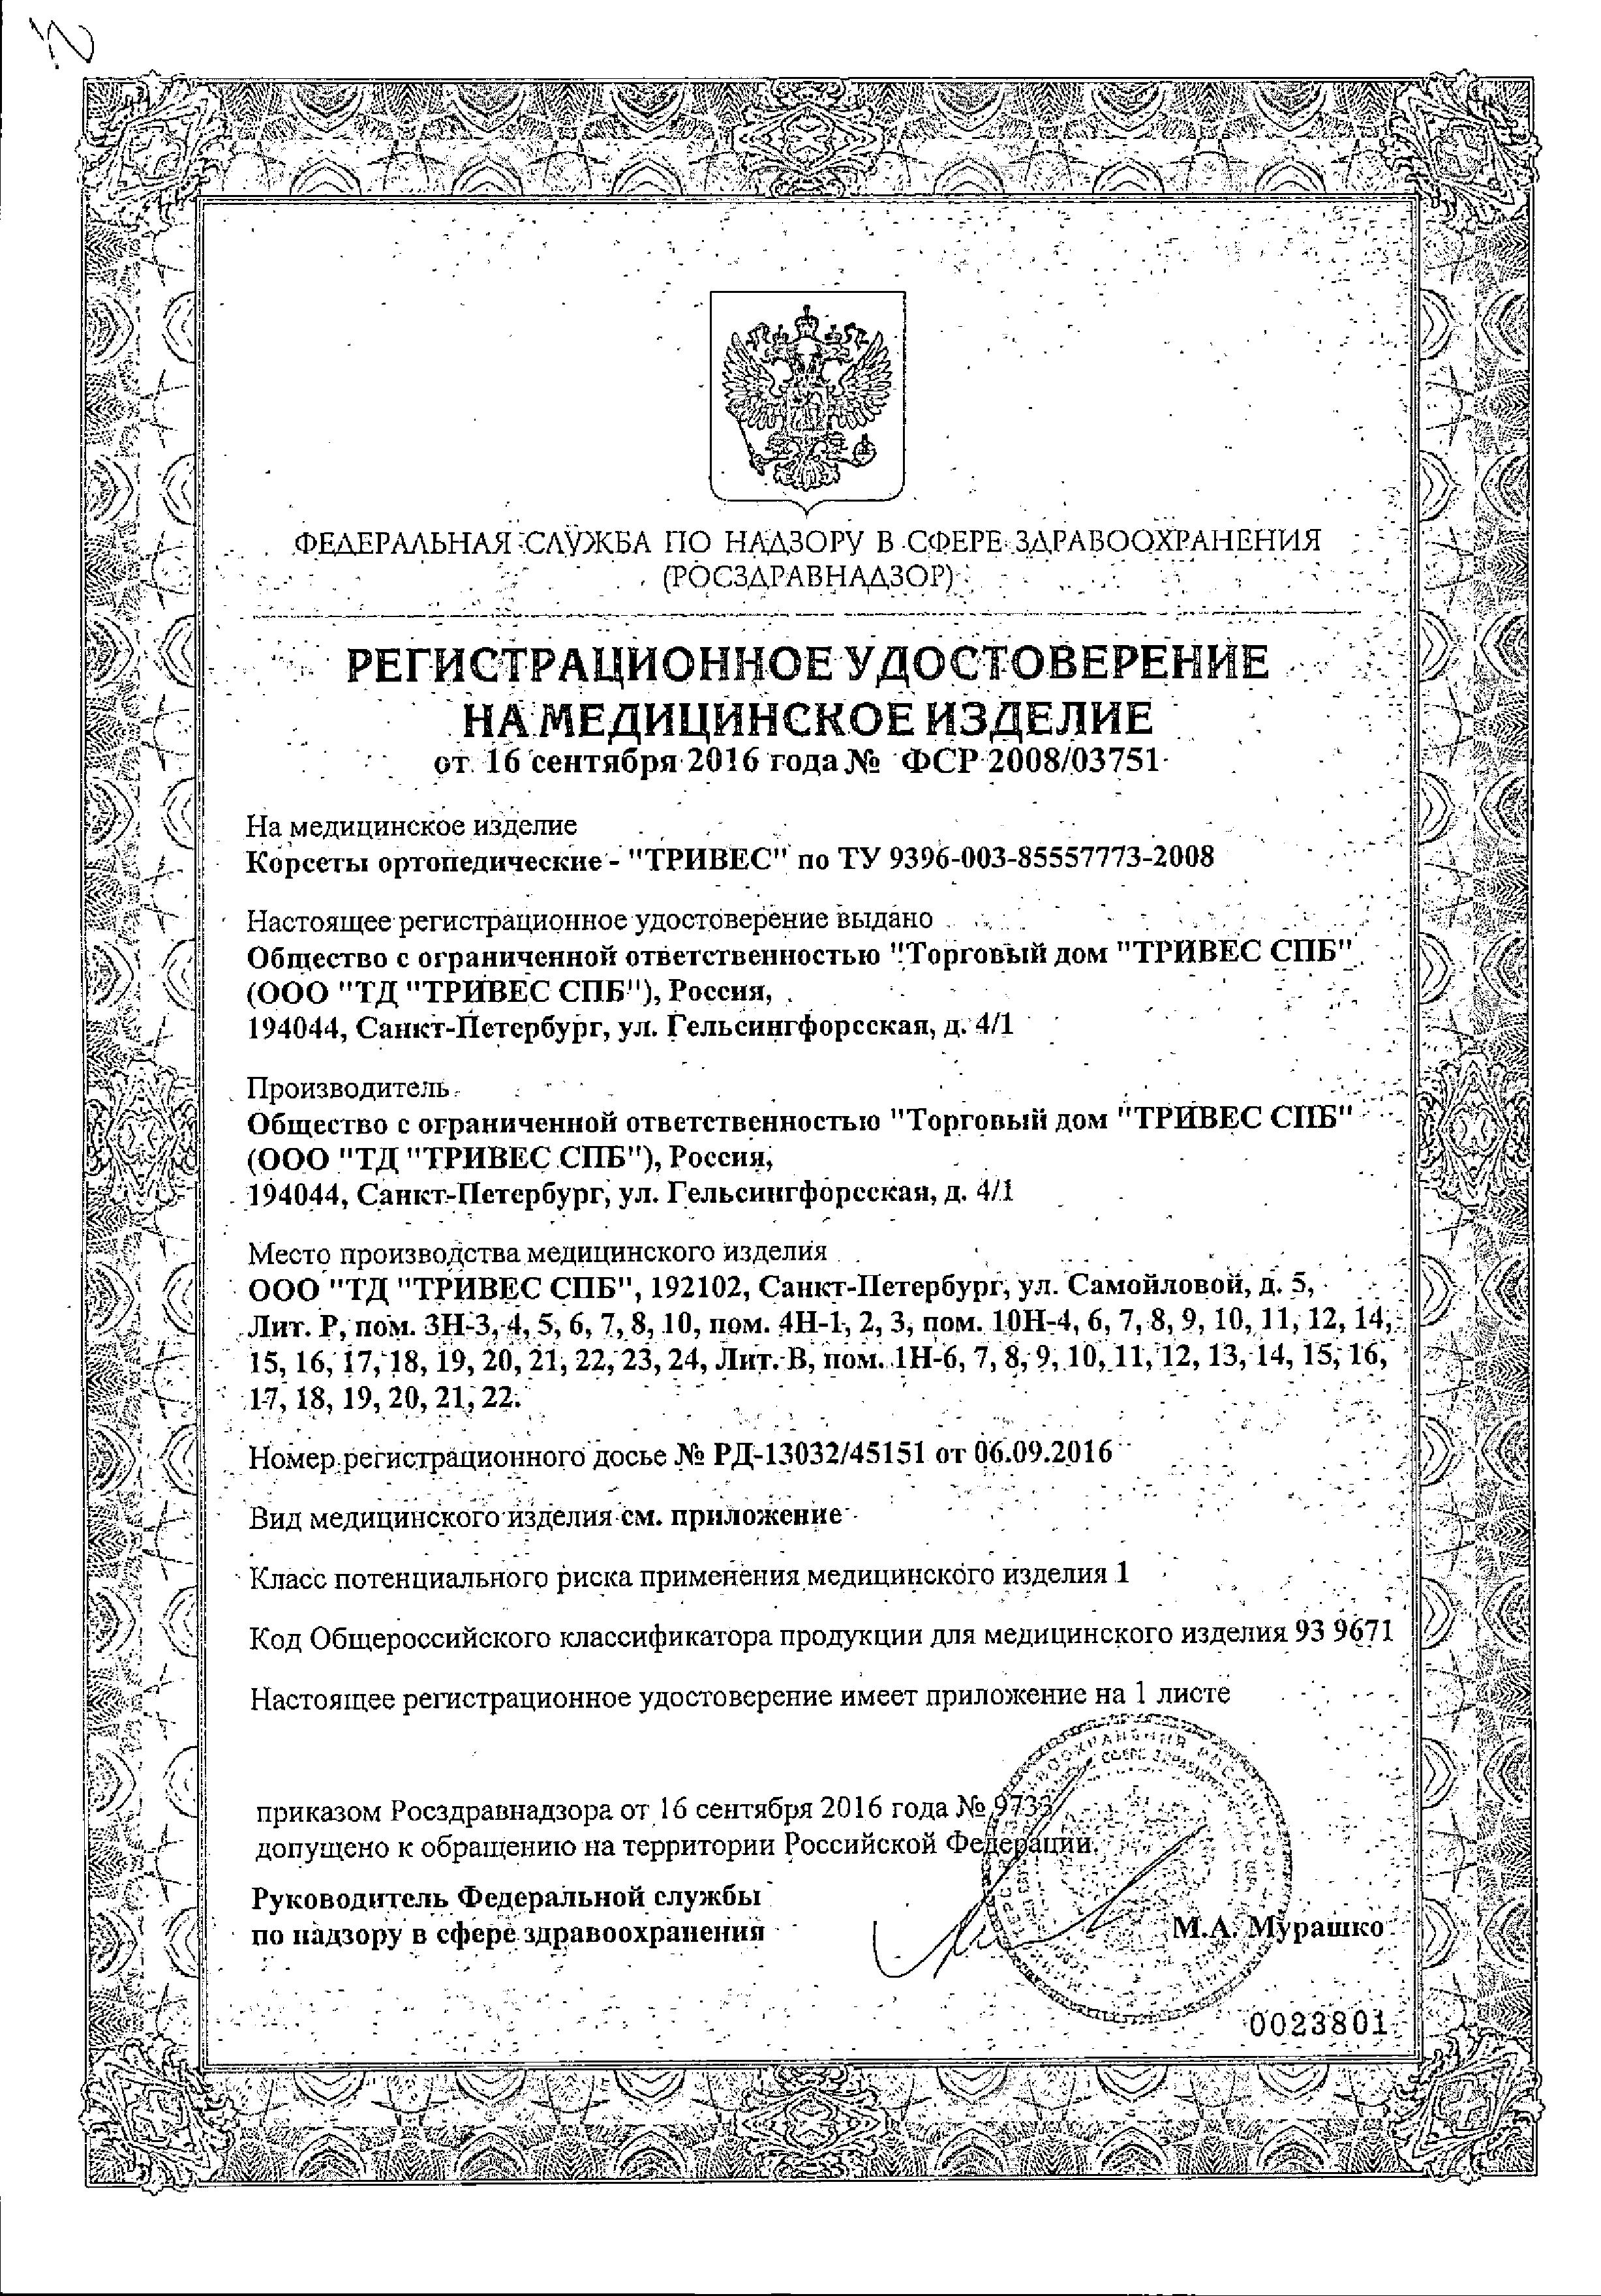 Корсет ортопедический сертификат